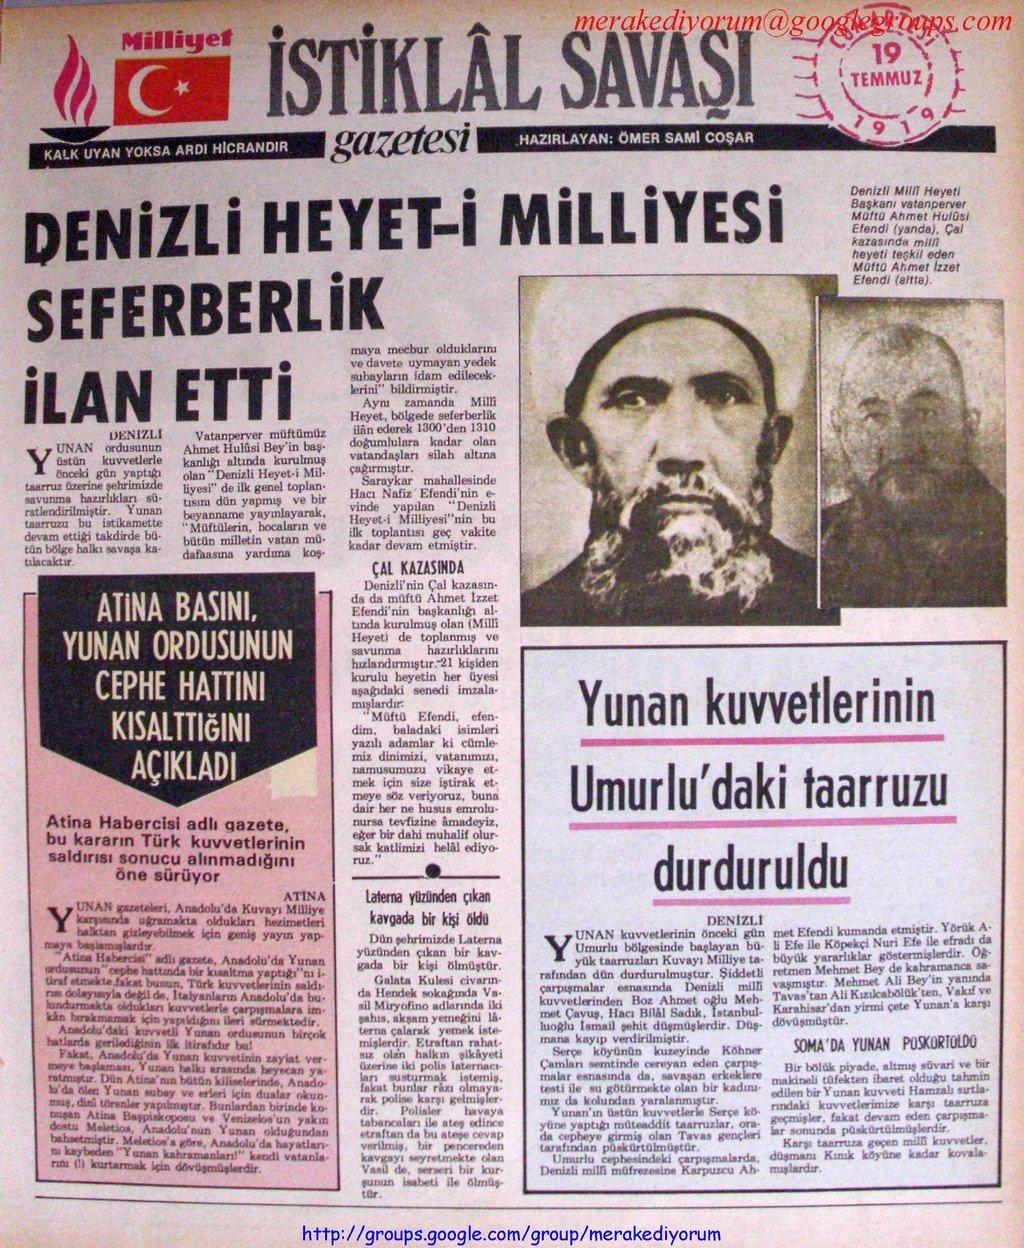 istiklal savaşı gazetesi - 19 temmuz 1919